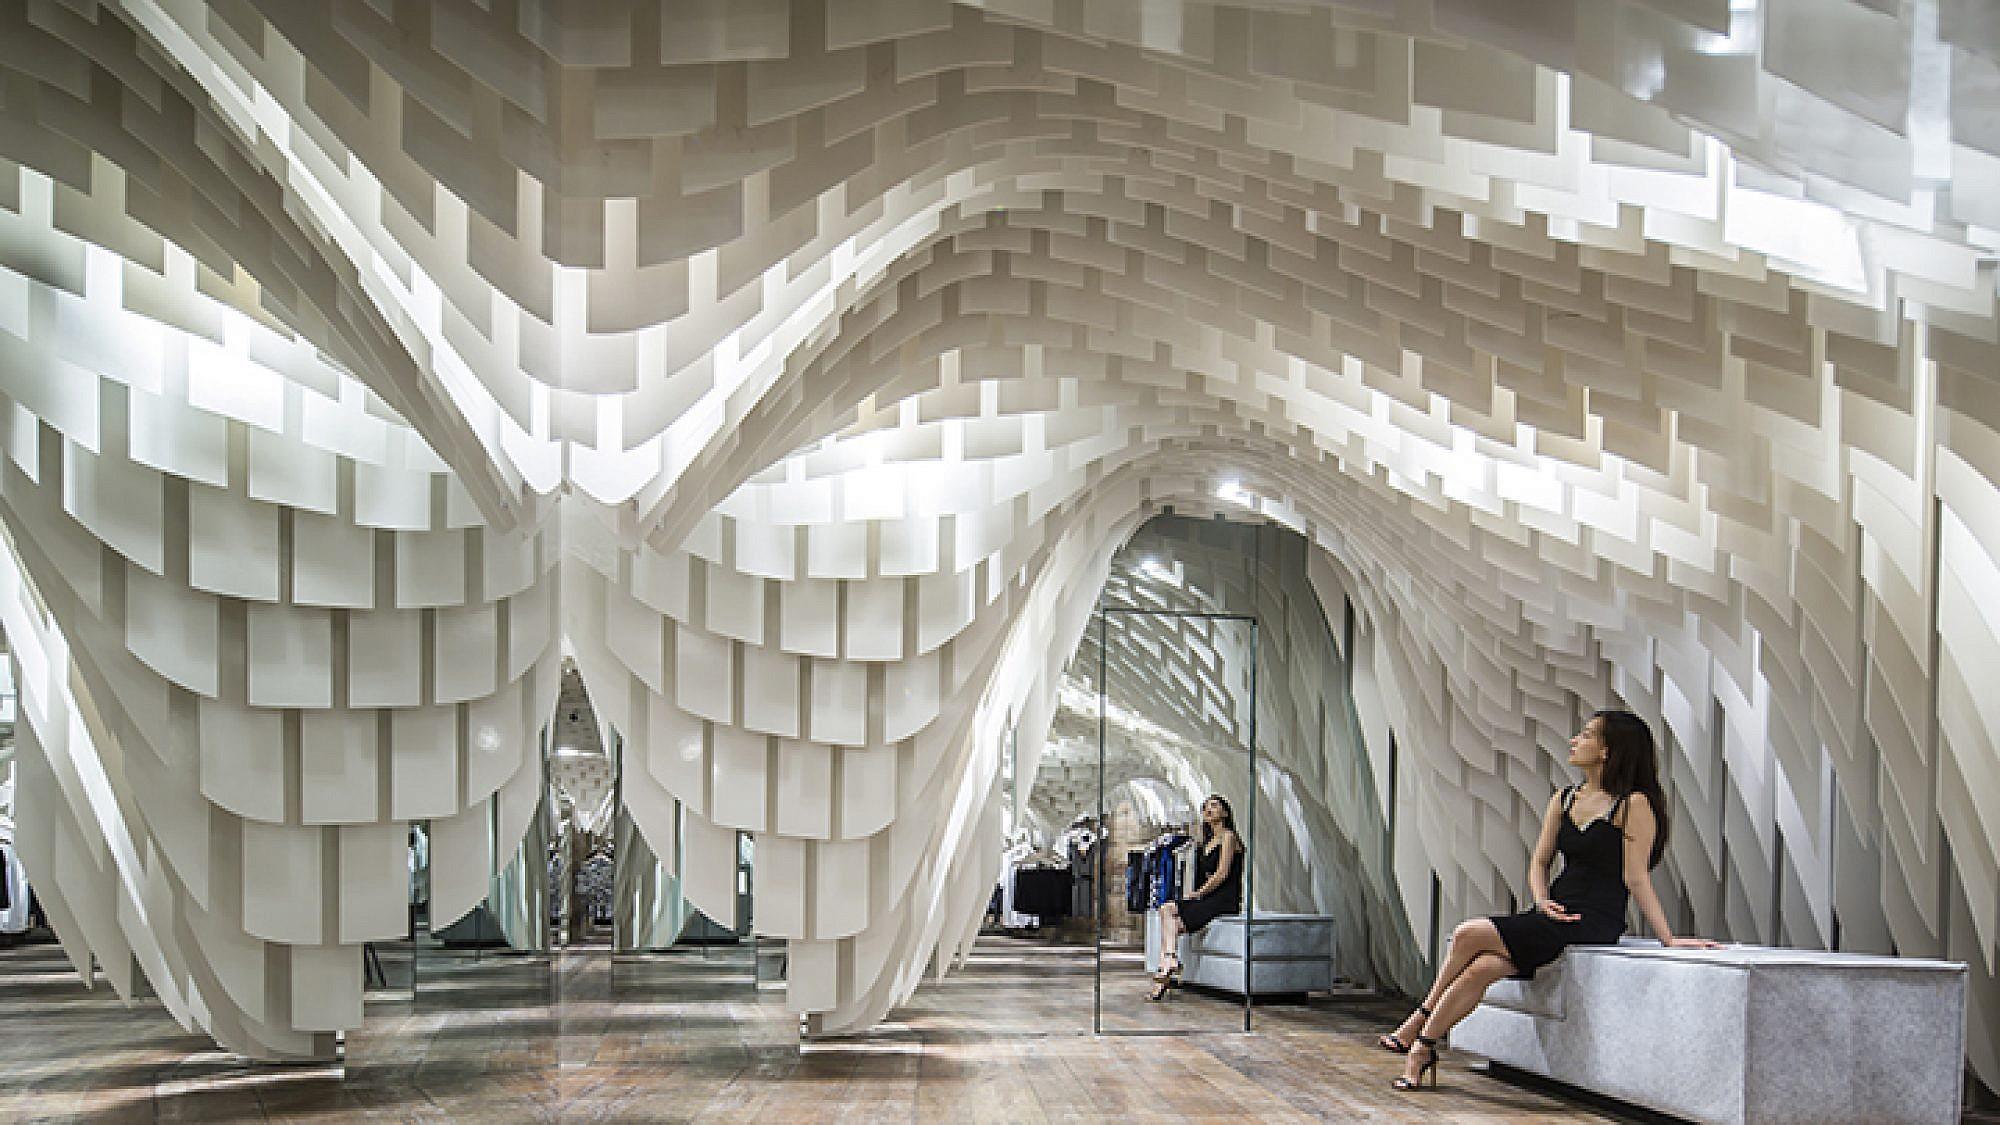 חנות אופנה בסין: תחושה של תקרה אלסטית   עיצוב: 3GATTI   צילום: Shen Qiang